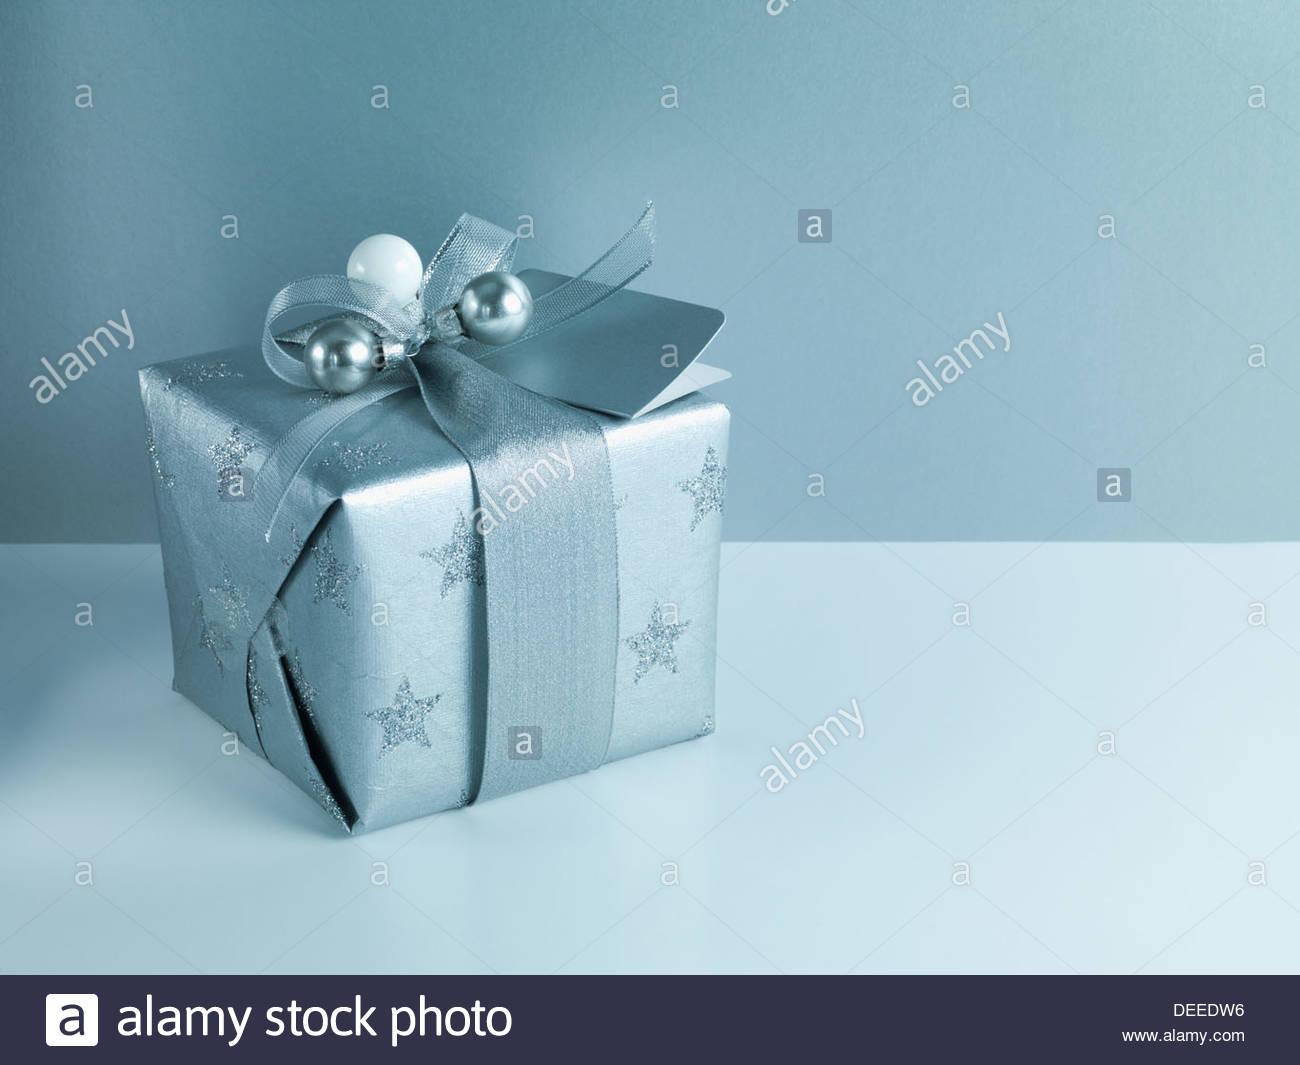 Weihnachtsgeschenk mit Silberband und Verpackung Stockbild